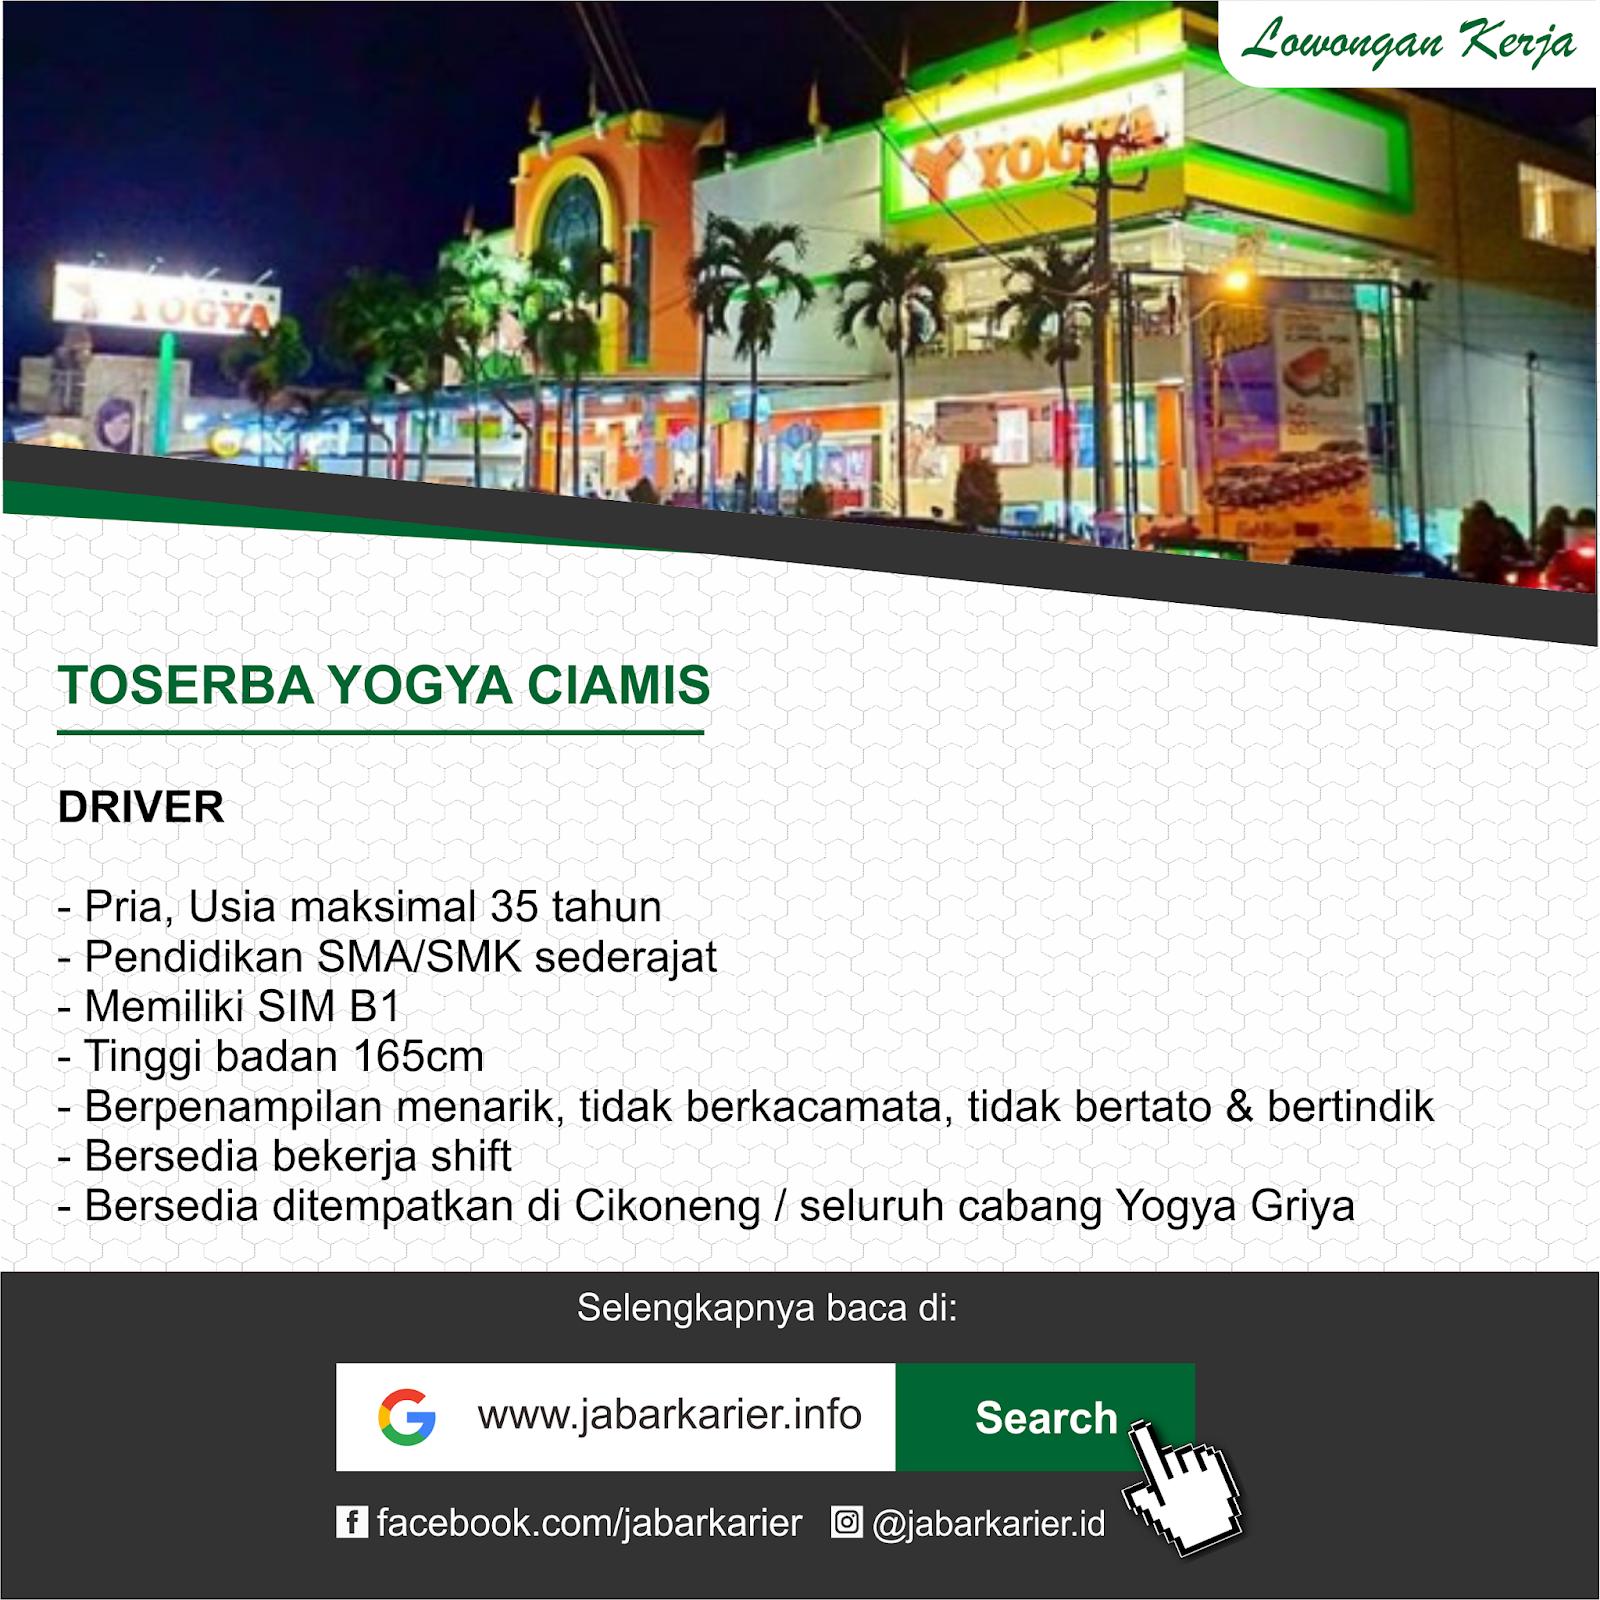 Loker Toserba Yogya Ciamis Juli 2019 Lowongan Kerja Terbaru Tahun 2020 Informasi Rekrutmen Cpns Pppk 2020